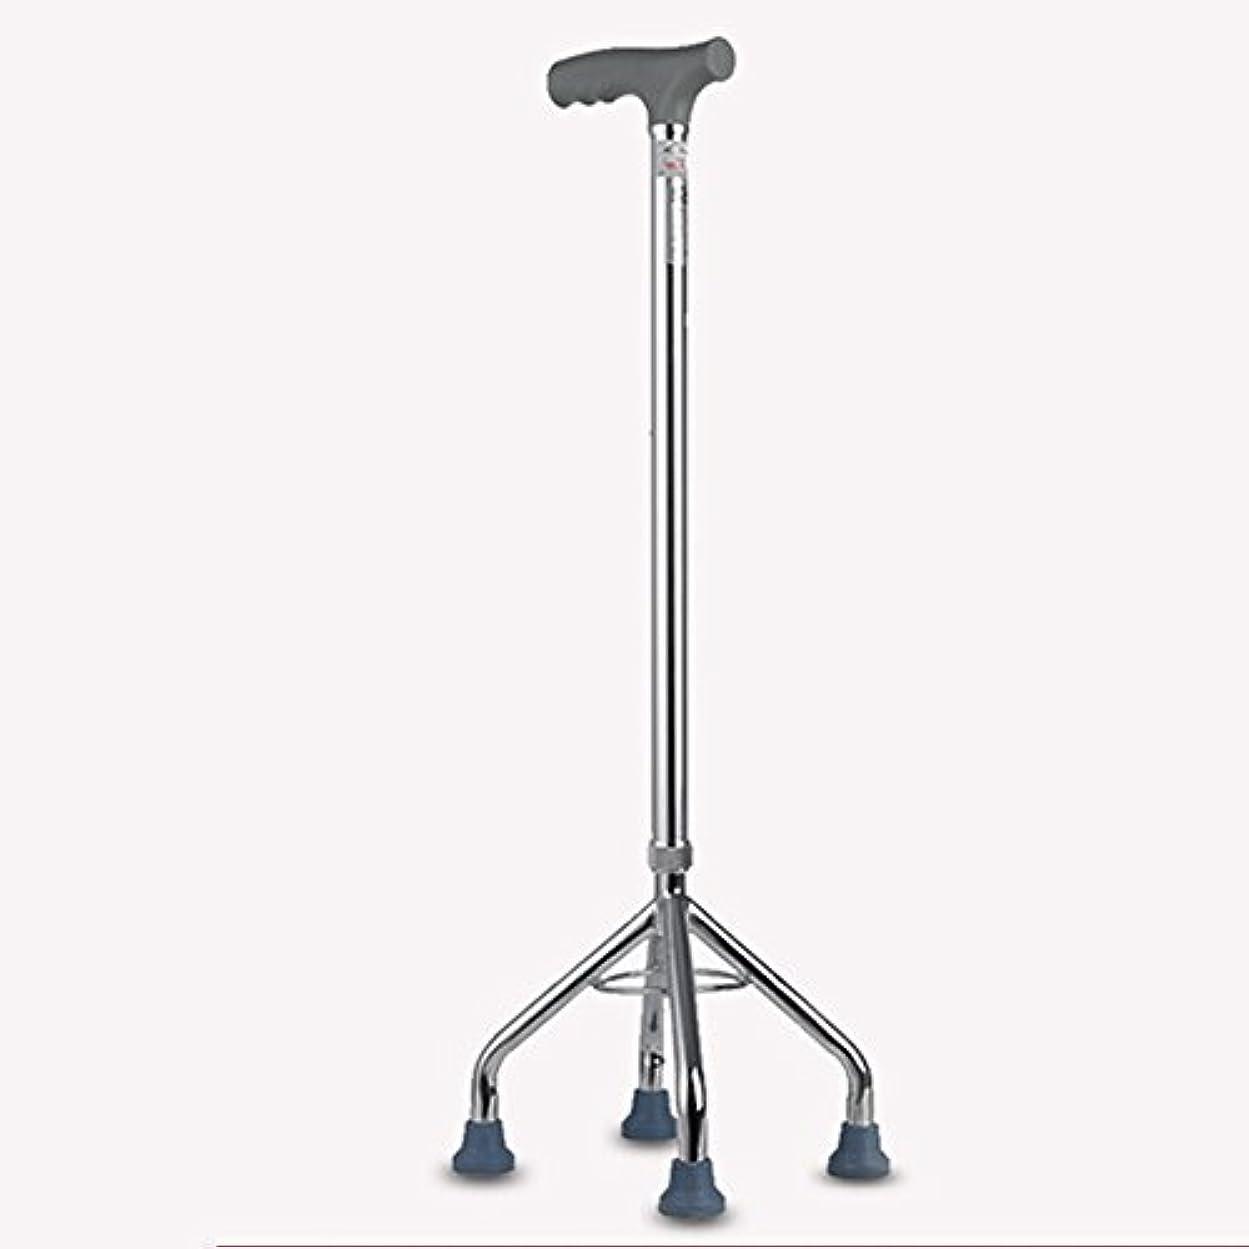 スーツケース分泌する手荷物QFFL 松葉杖アルミニウム4フィートスキッド松葉杖スケーラブル折りたたみ高齢犬75-95cm 松葉杖ウォーカー